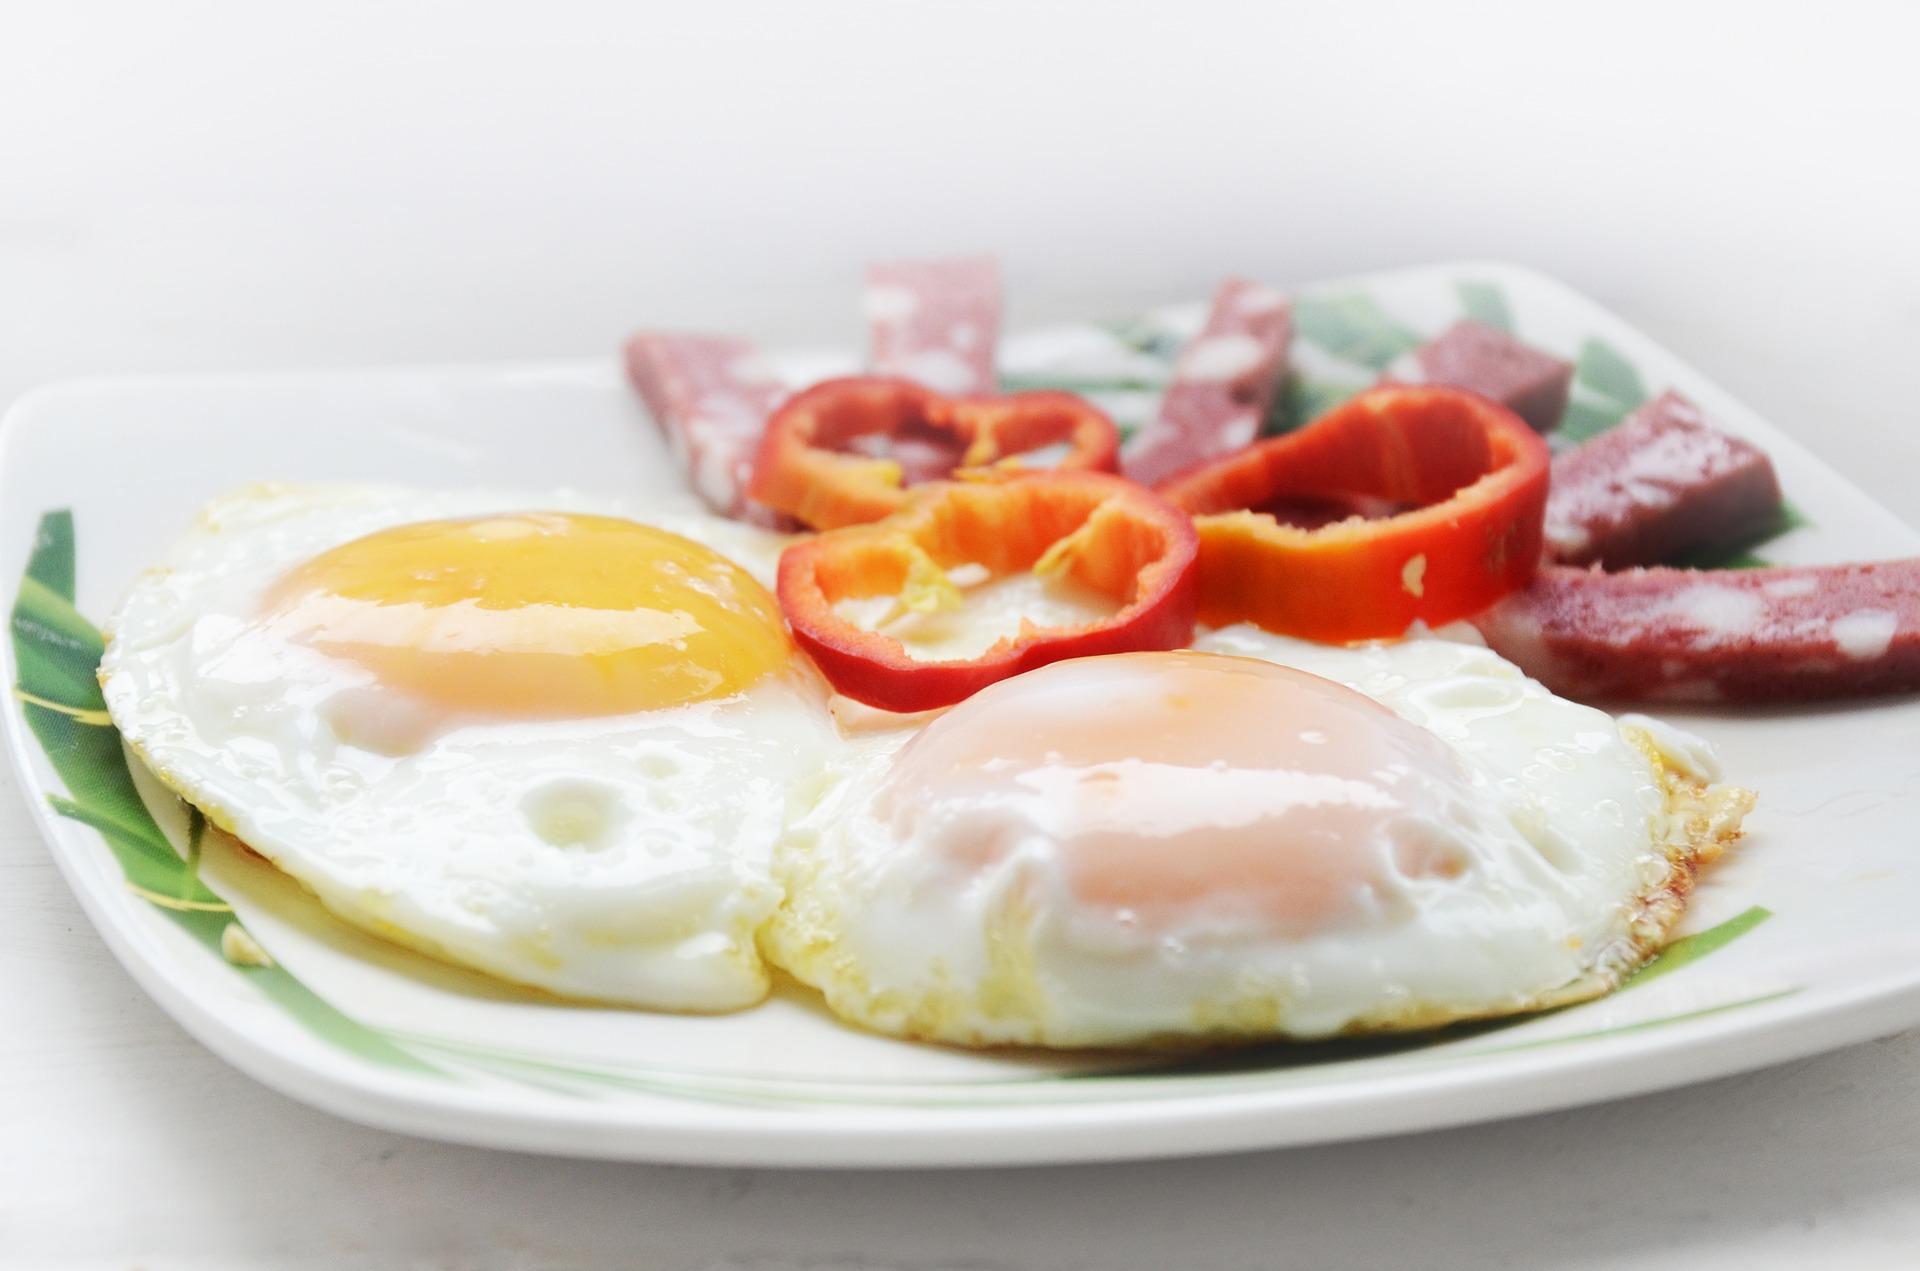 Gosto de ovos